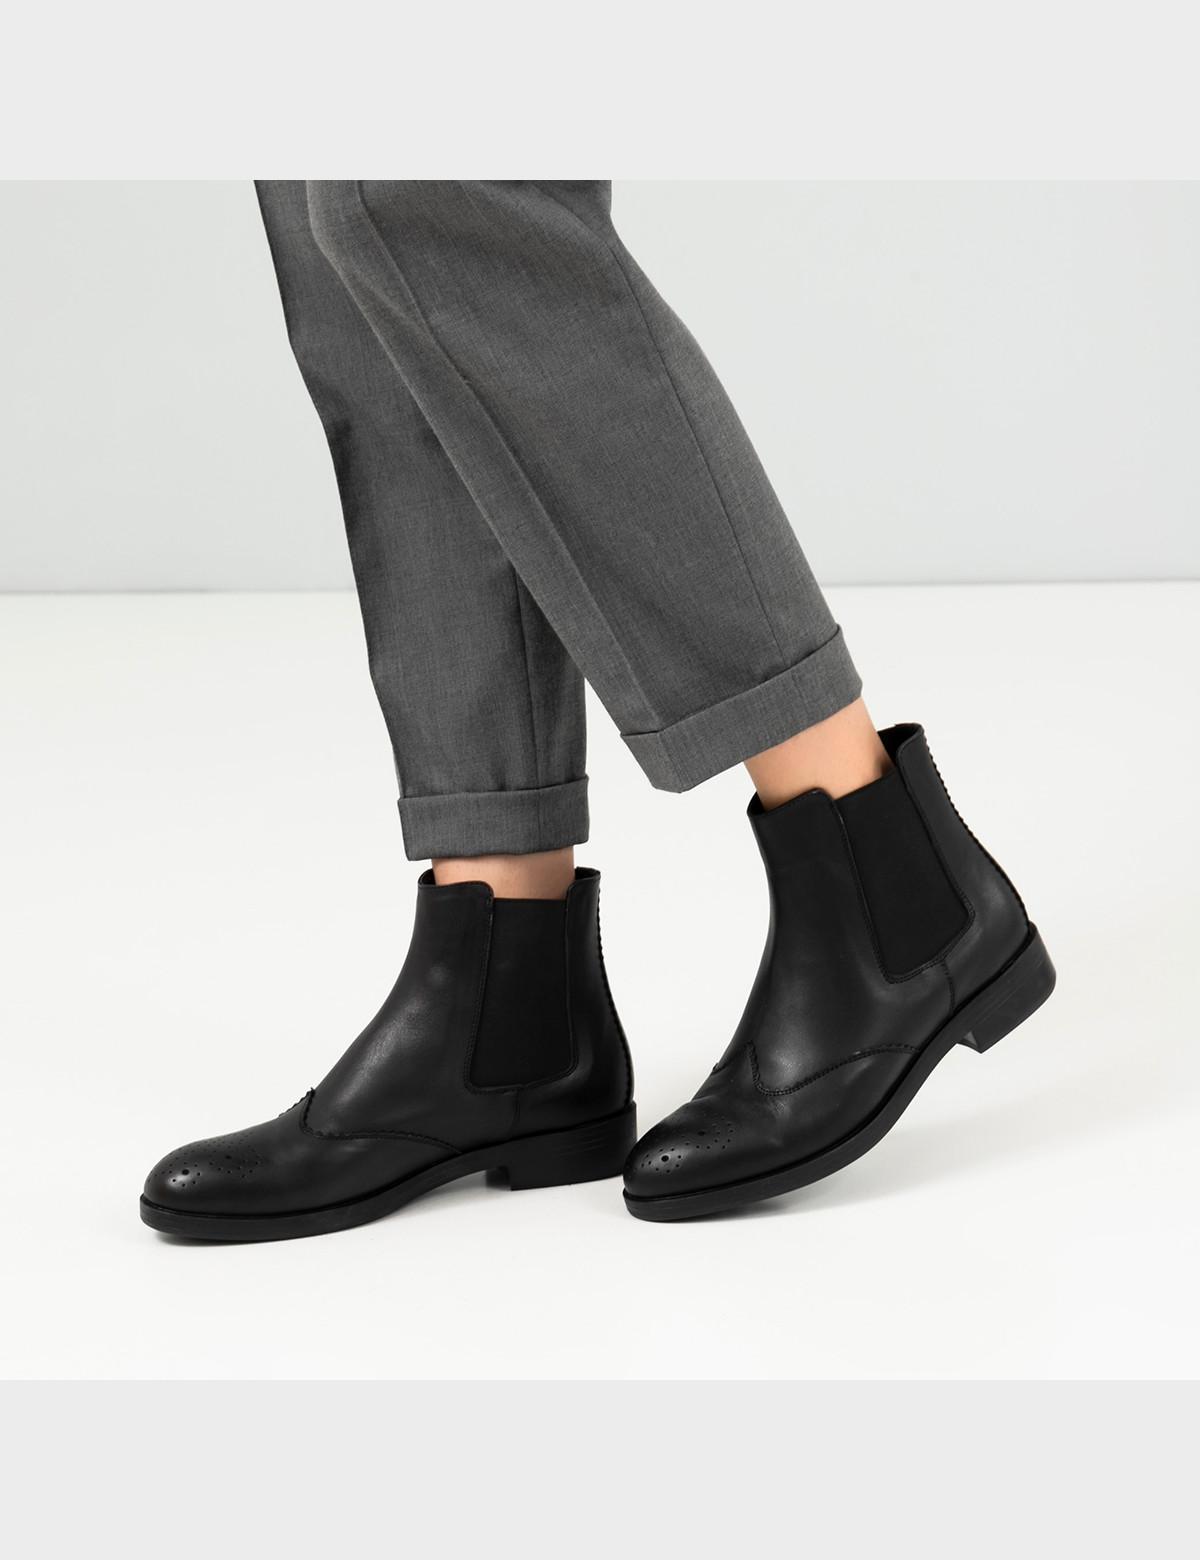 Ботинки черные, натуральная кожа. Байка5